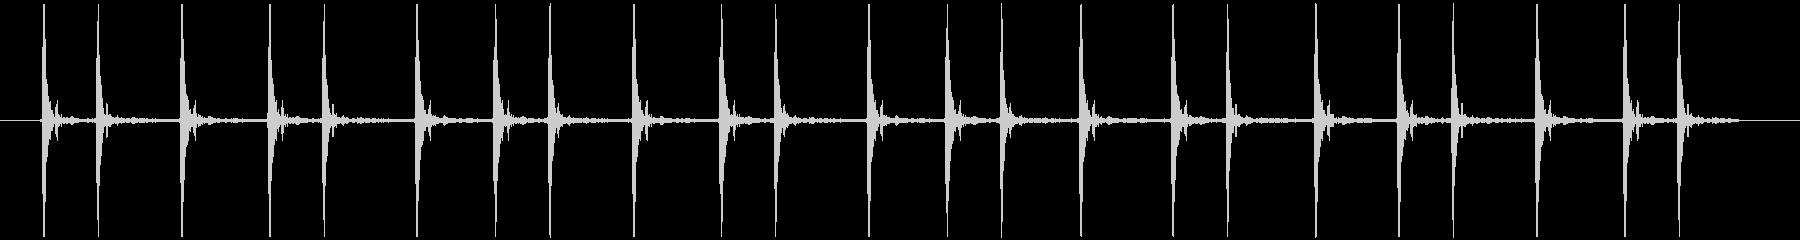 震える慌てる コミカル カタカタカタ…の未再生の波形